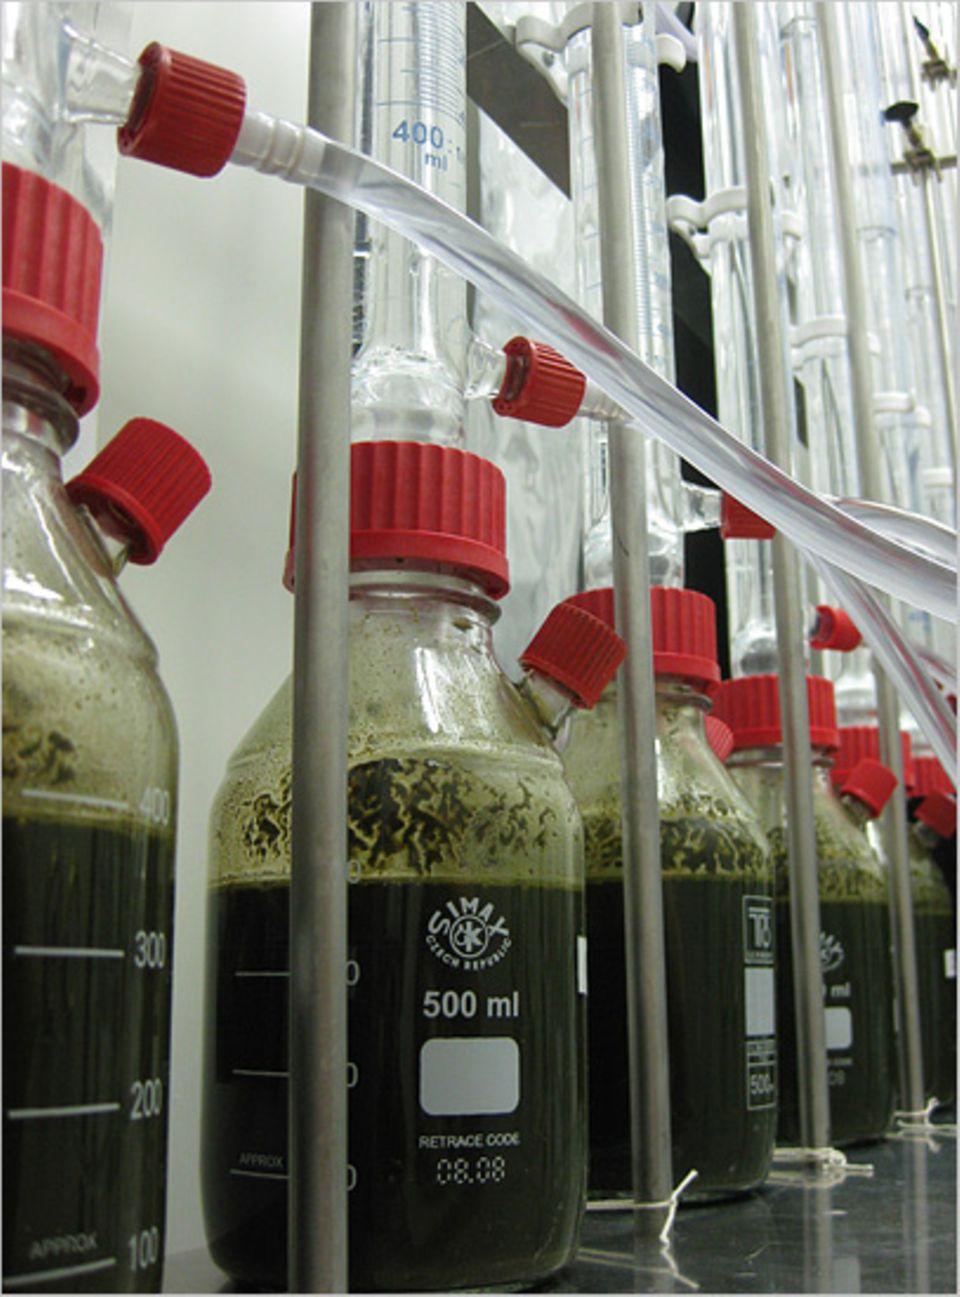 Erneuerbare Energien: Im Labor wird der Biogas-Ertrag verschiedener Algensubstrate ermittelt